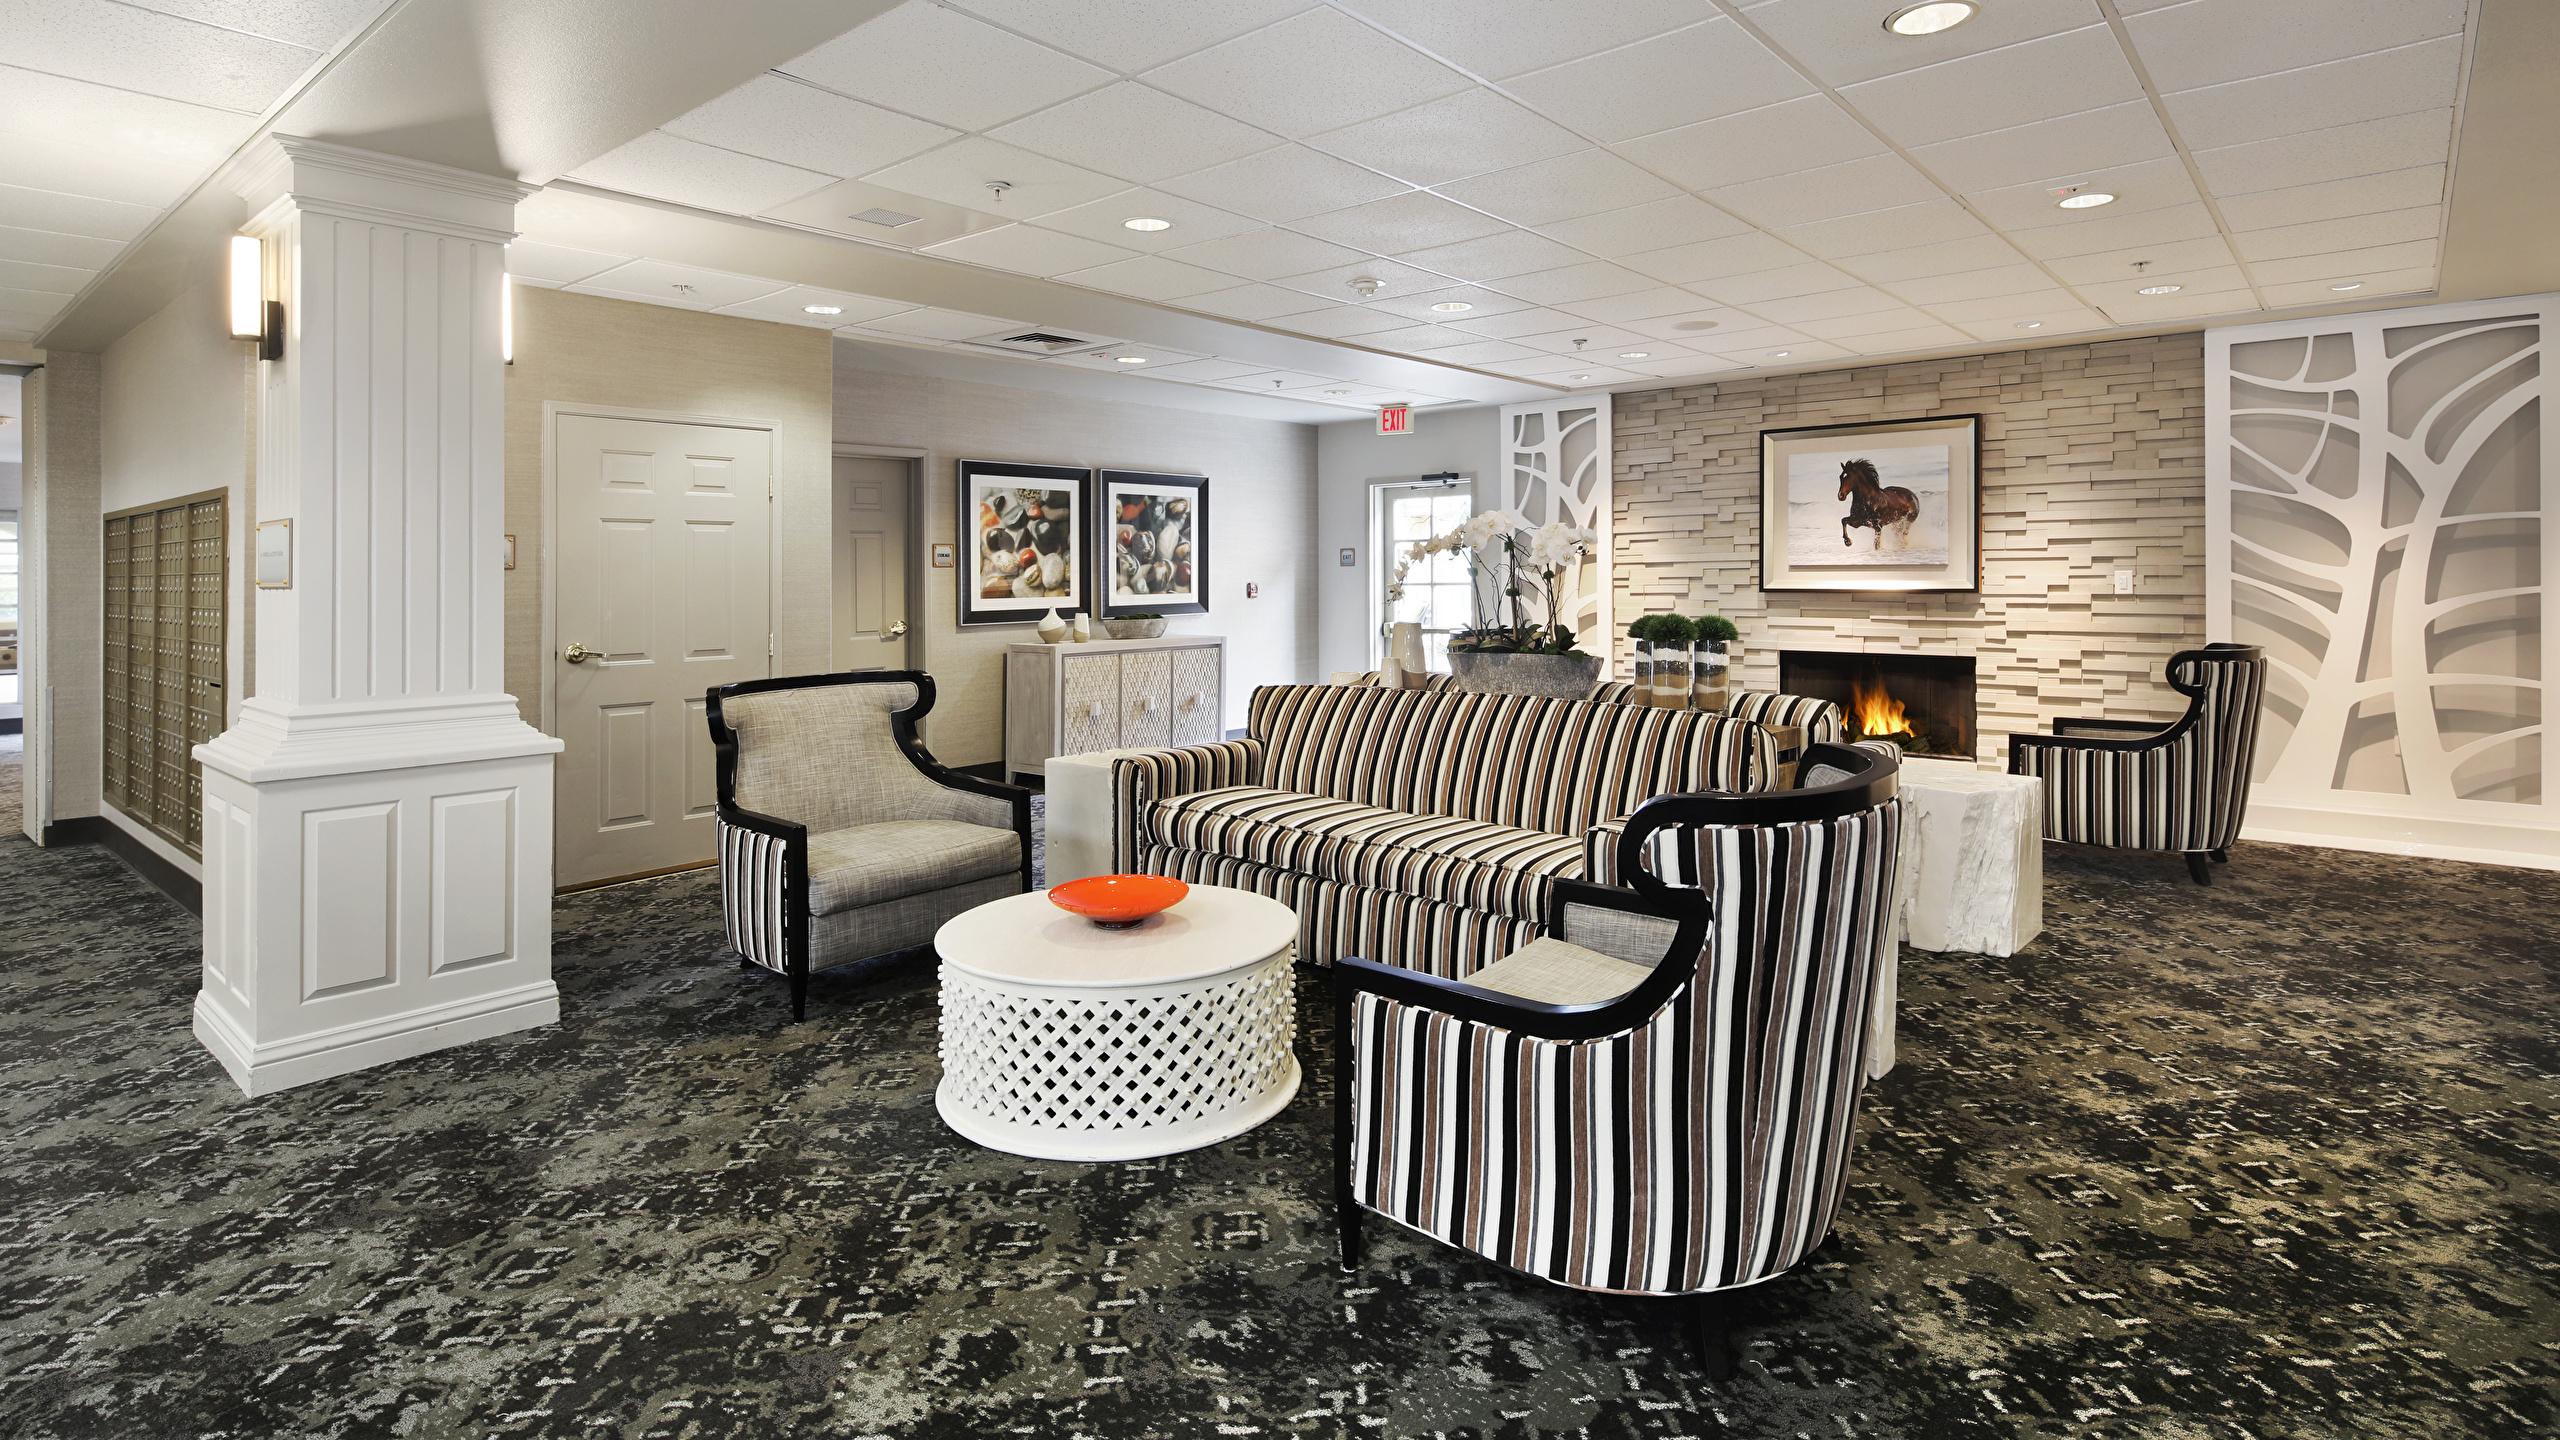 Картинки Гостиная Интерьер Диван Кресло дизайна 2560x1440 гостевая диване Дизайн